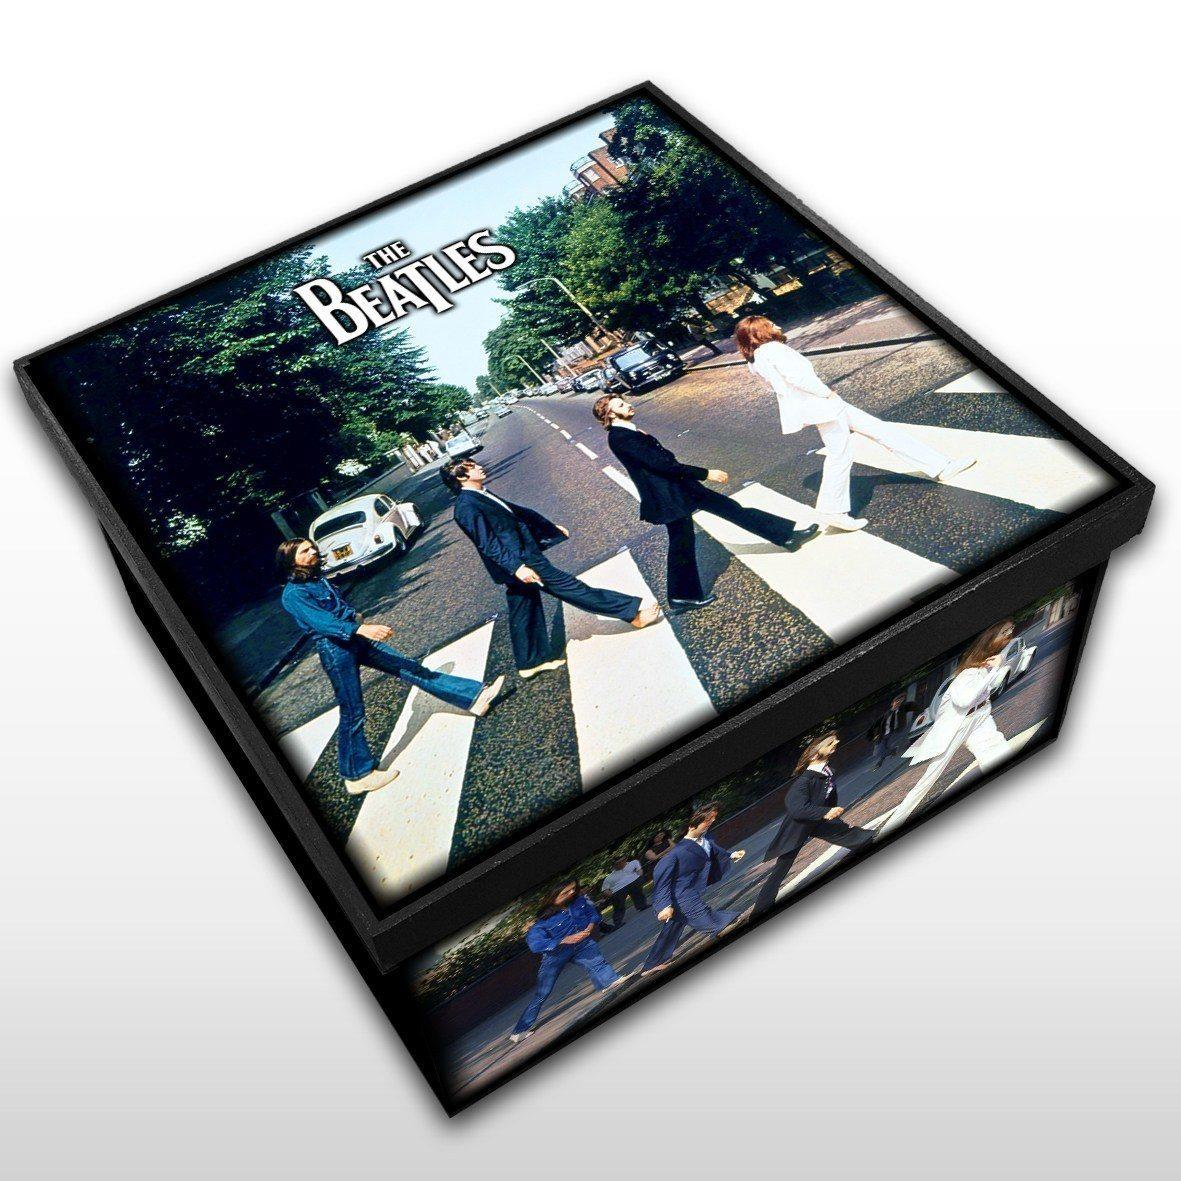 The Beatles - Abbey Road - Caixa em Madeira MDF - Tamanho Médio - Mr. Rock